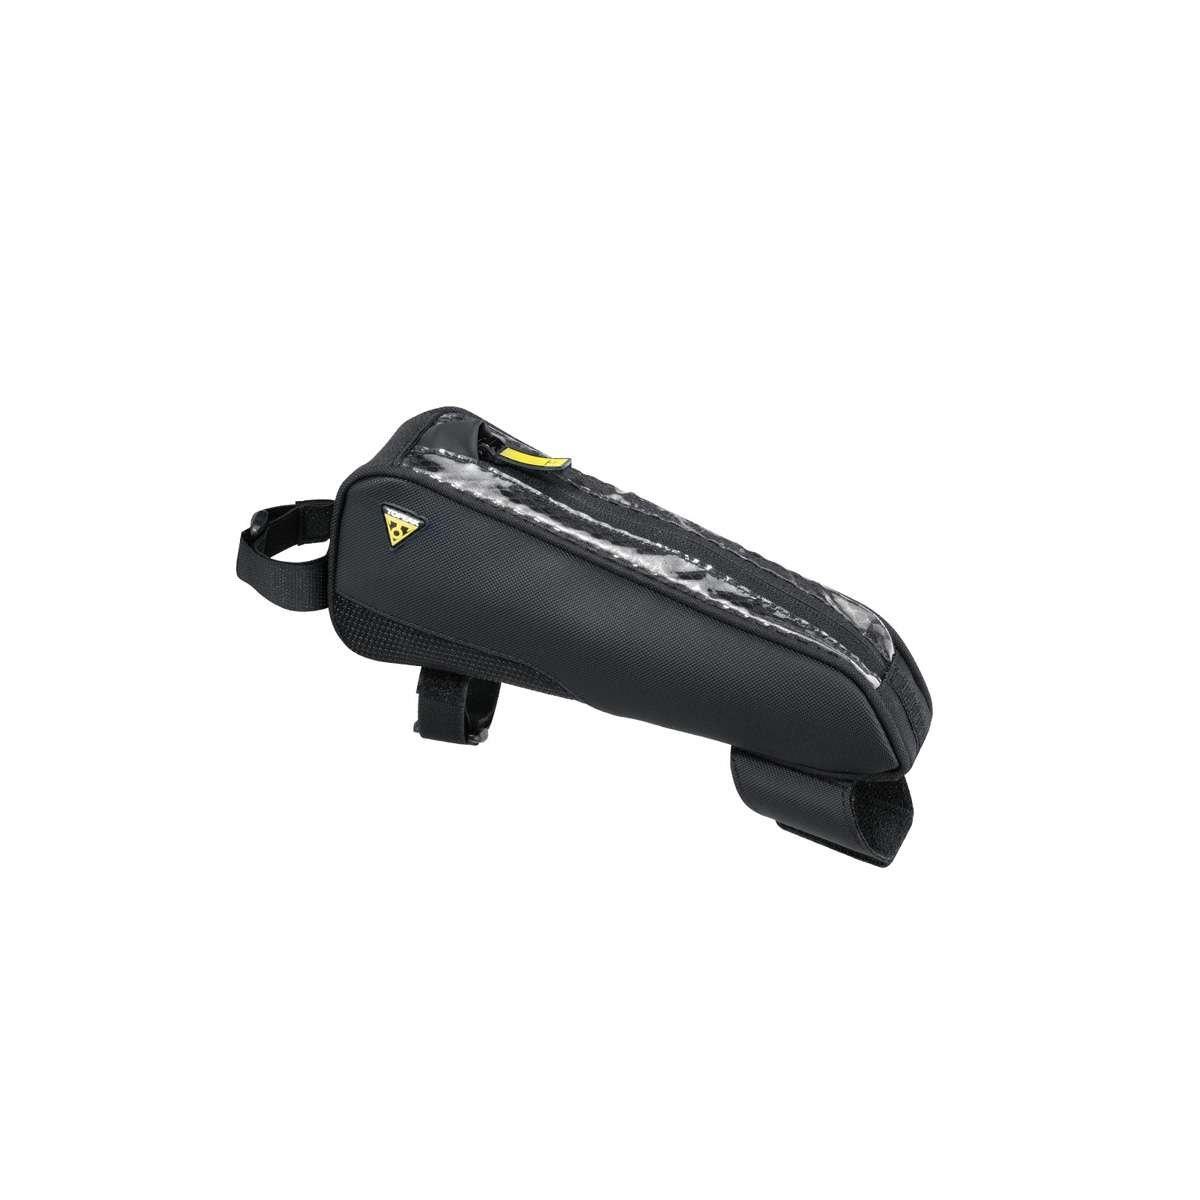 Topeak Tc2301B Fast Fuel Tank Tri-Bag Small Black